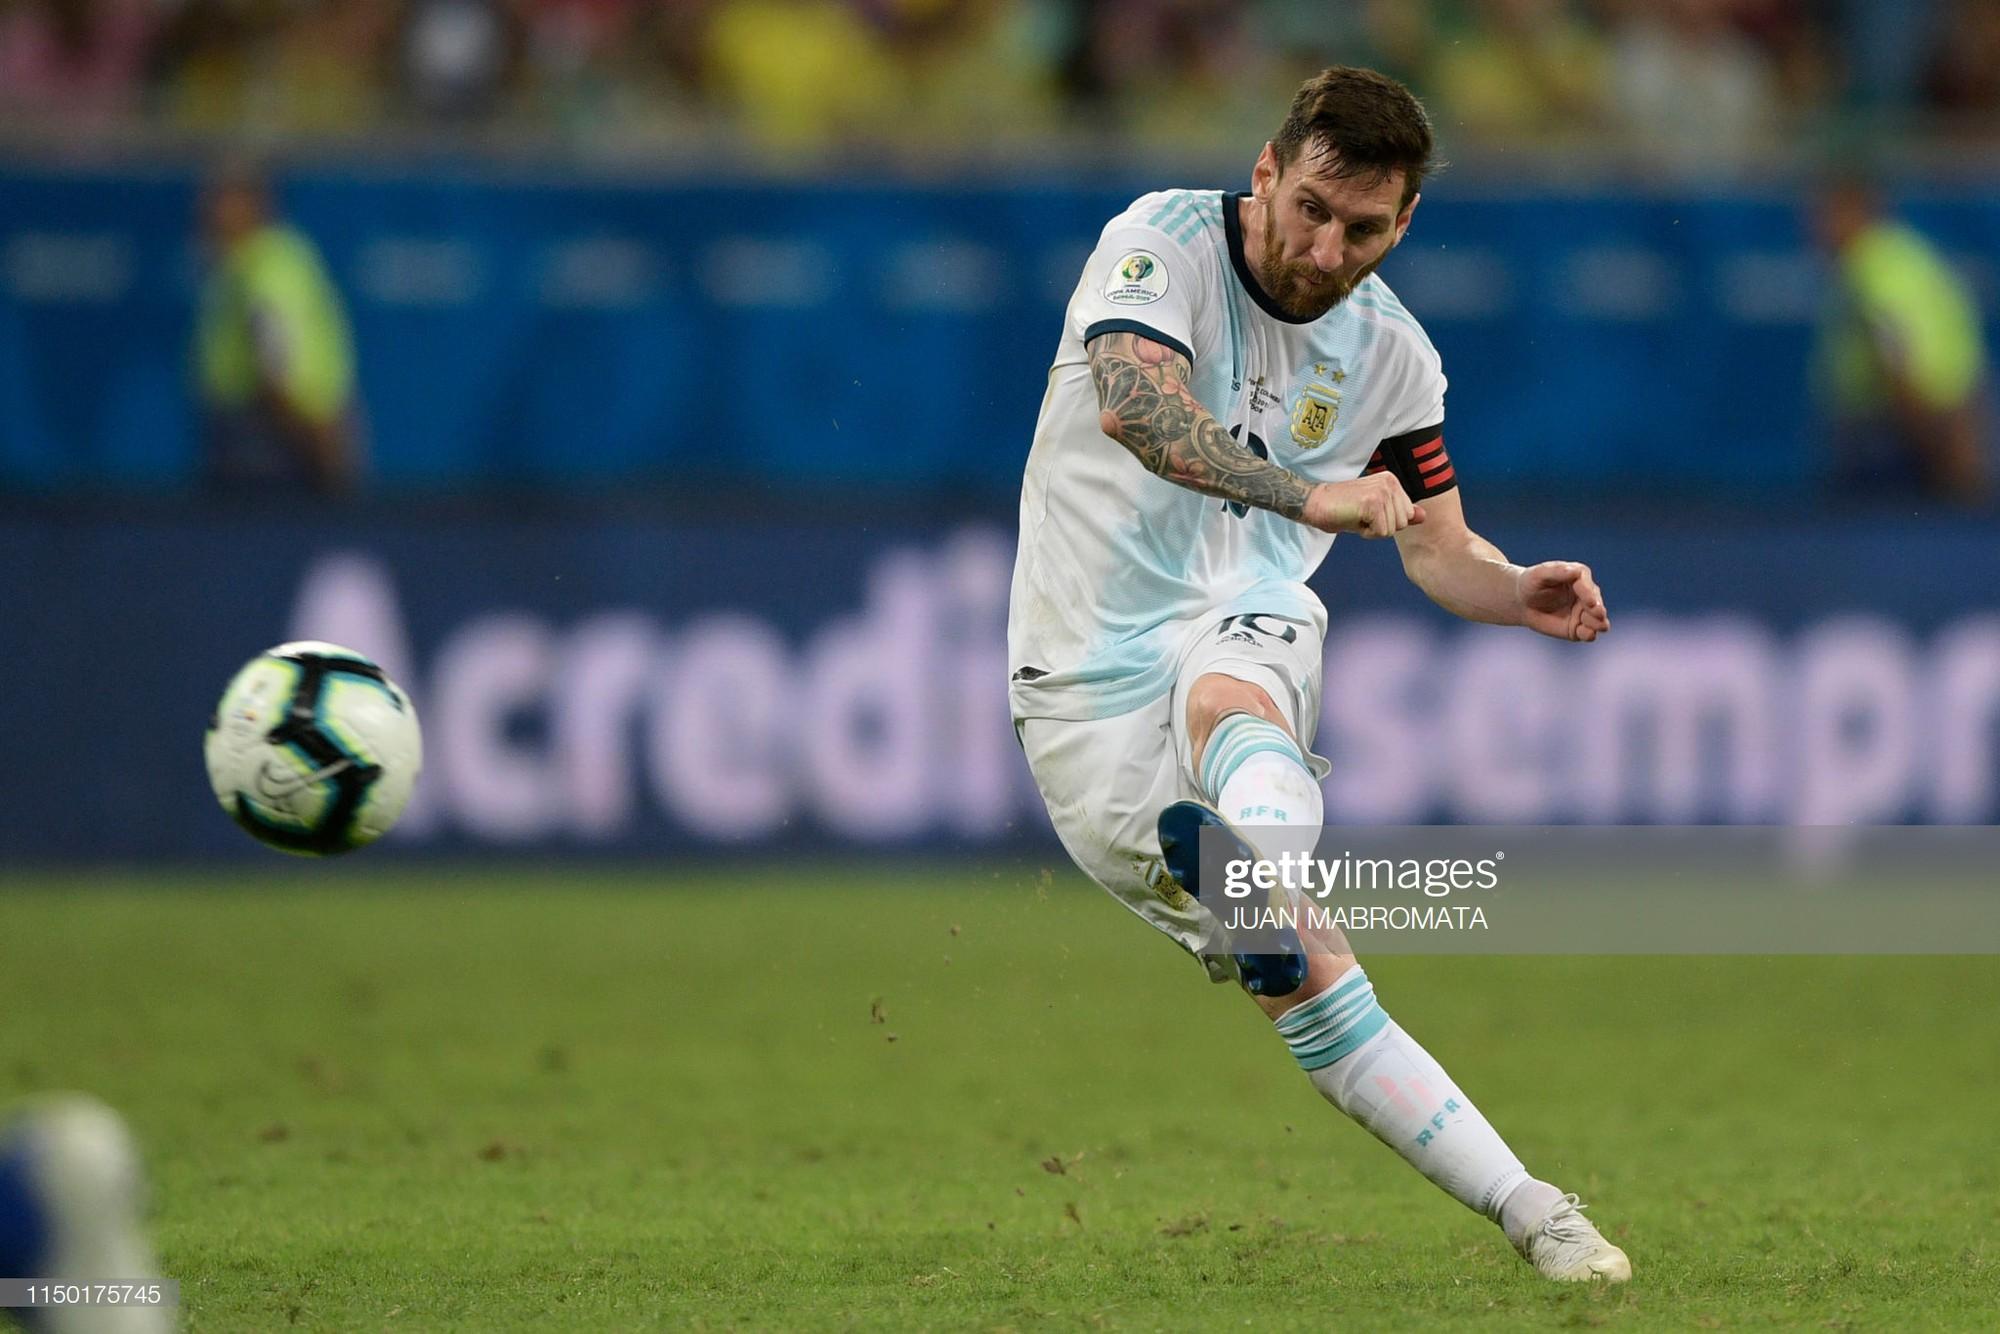 Messi mờ nhạt, Argentina nhận thất bại tủi hổ ở trận ra quân Copa America - Ảnh 4.